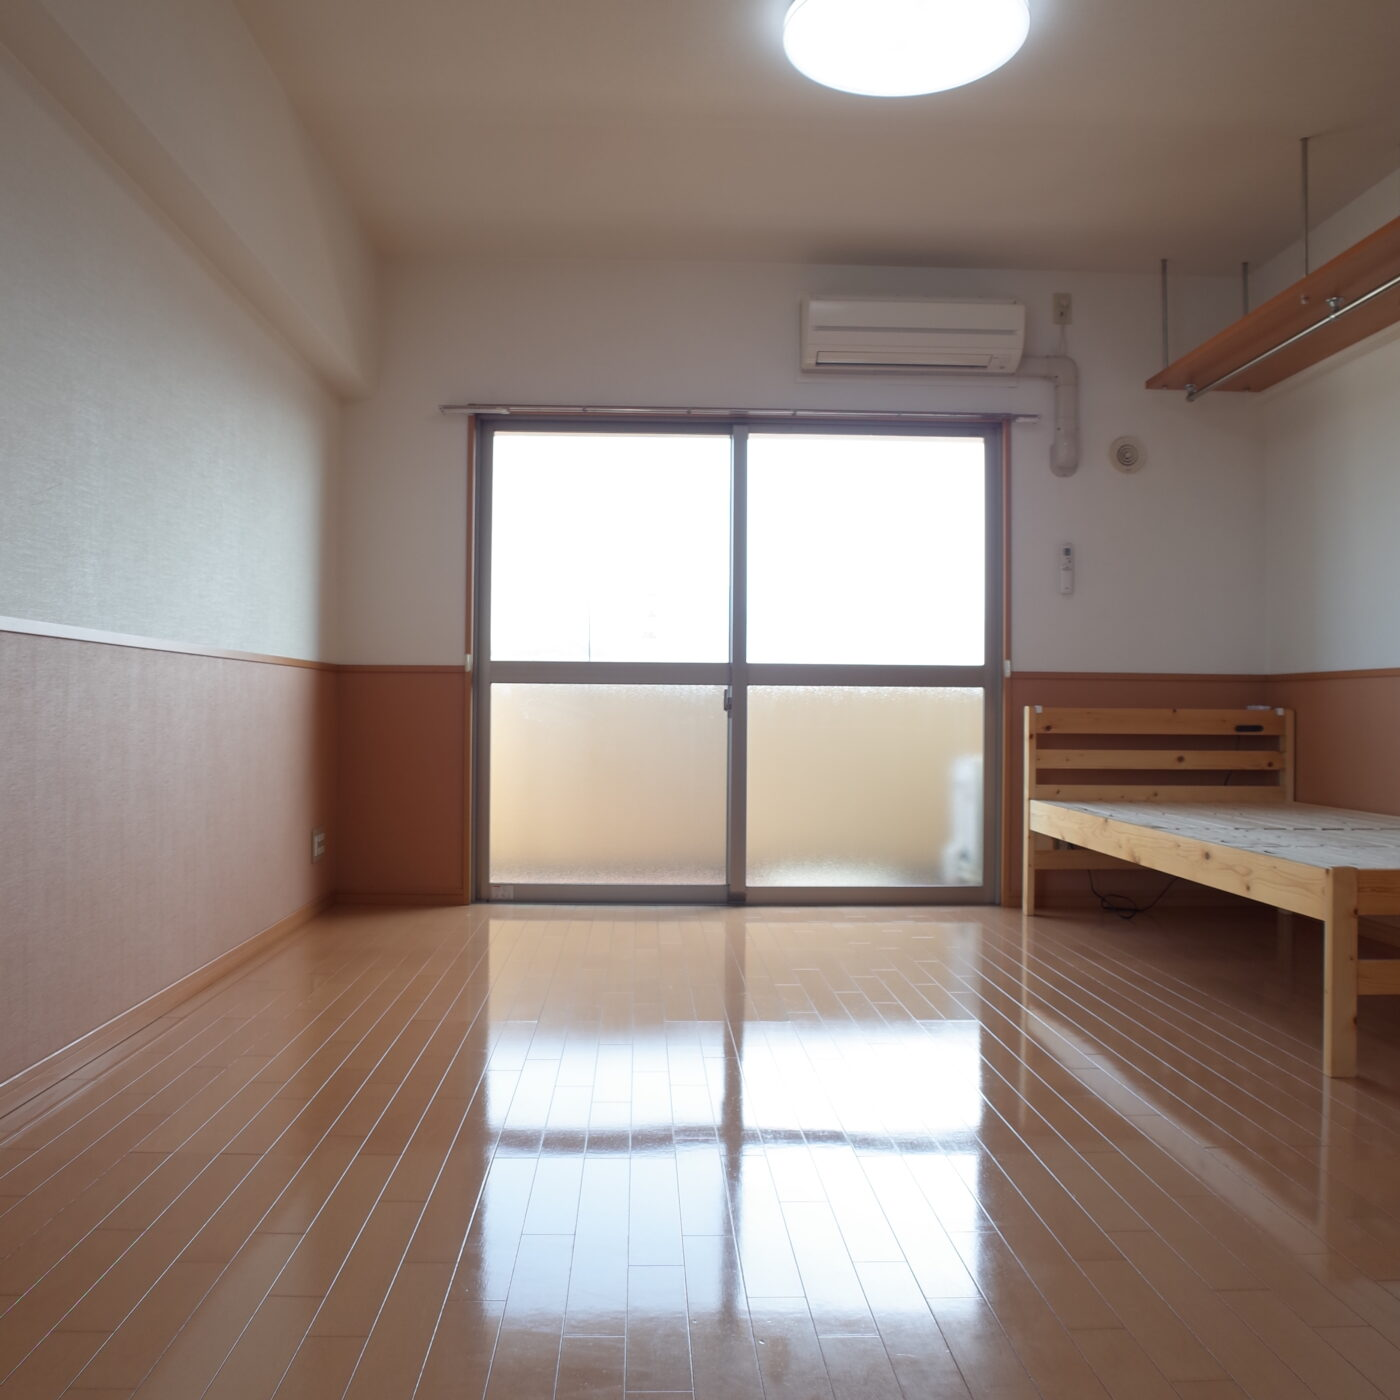 九大 伊都キャンパス 賃貸 学生専用 マンション